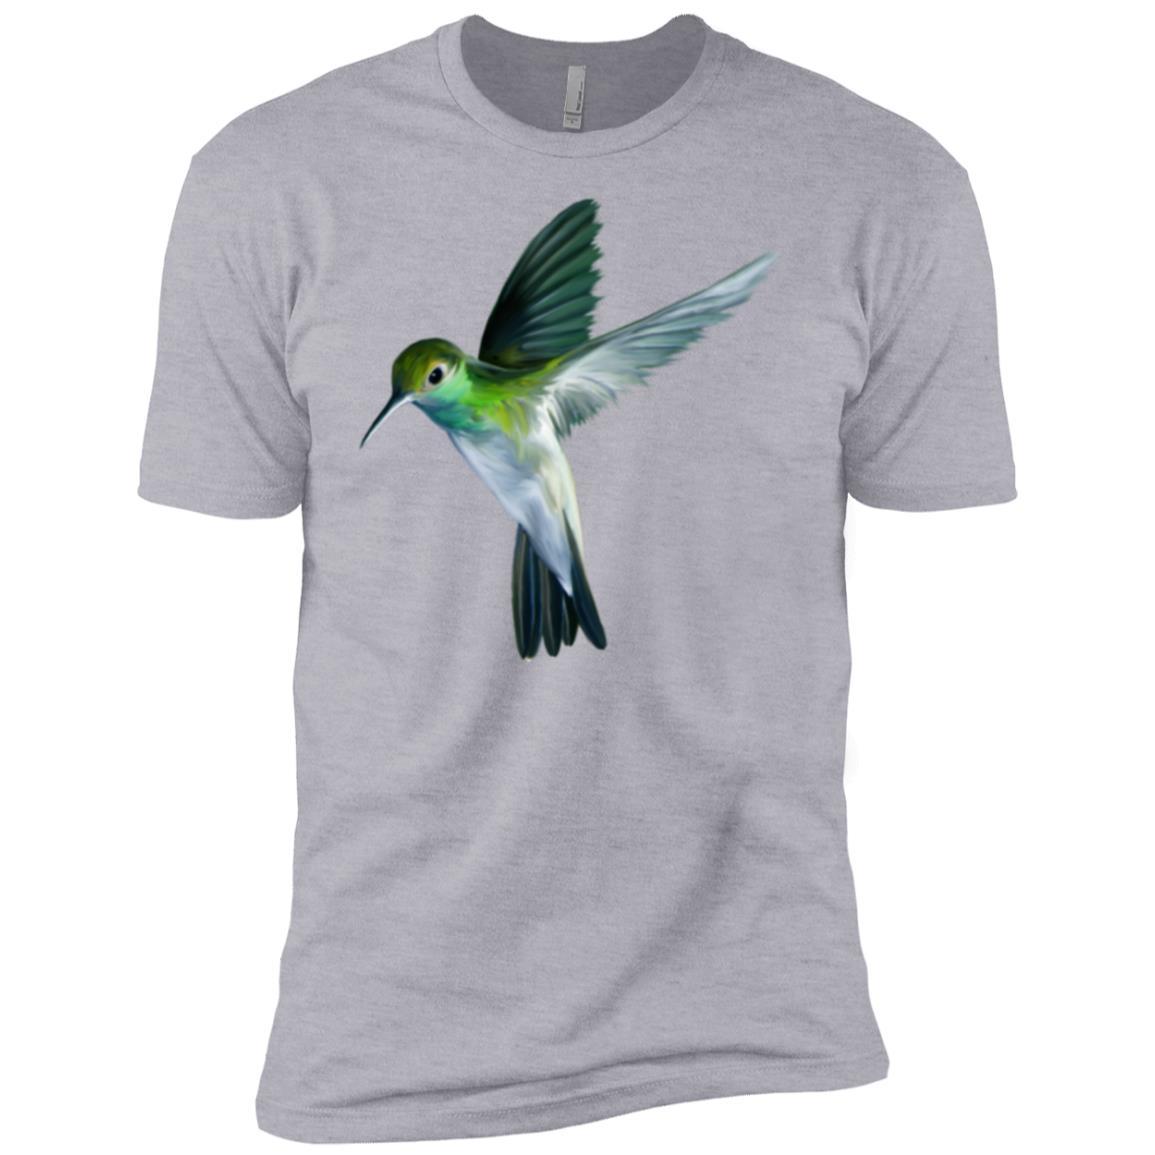 Beautiful Flying Green Hummingbird Watercolor Art Men Short Sleeve